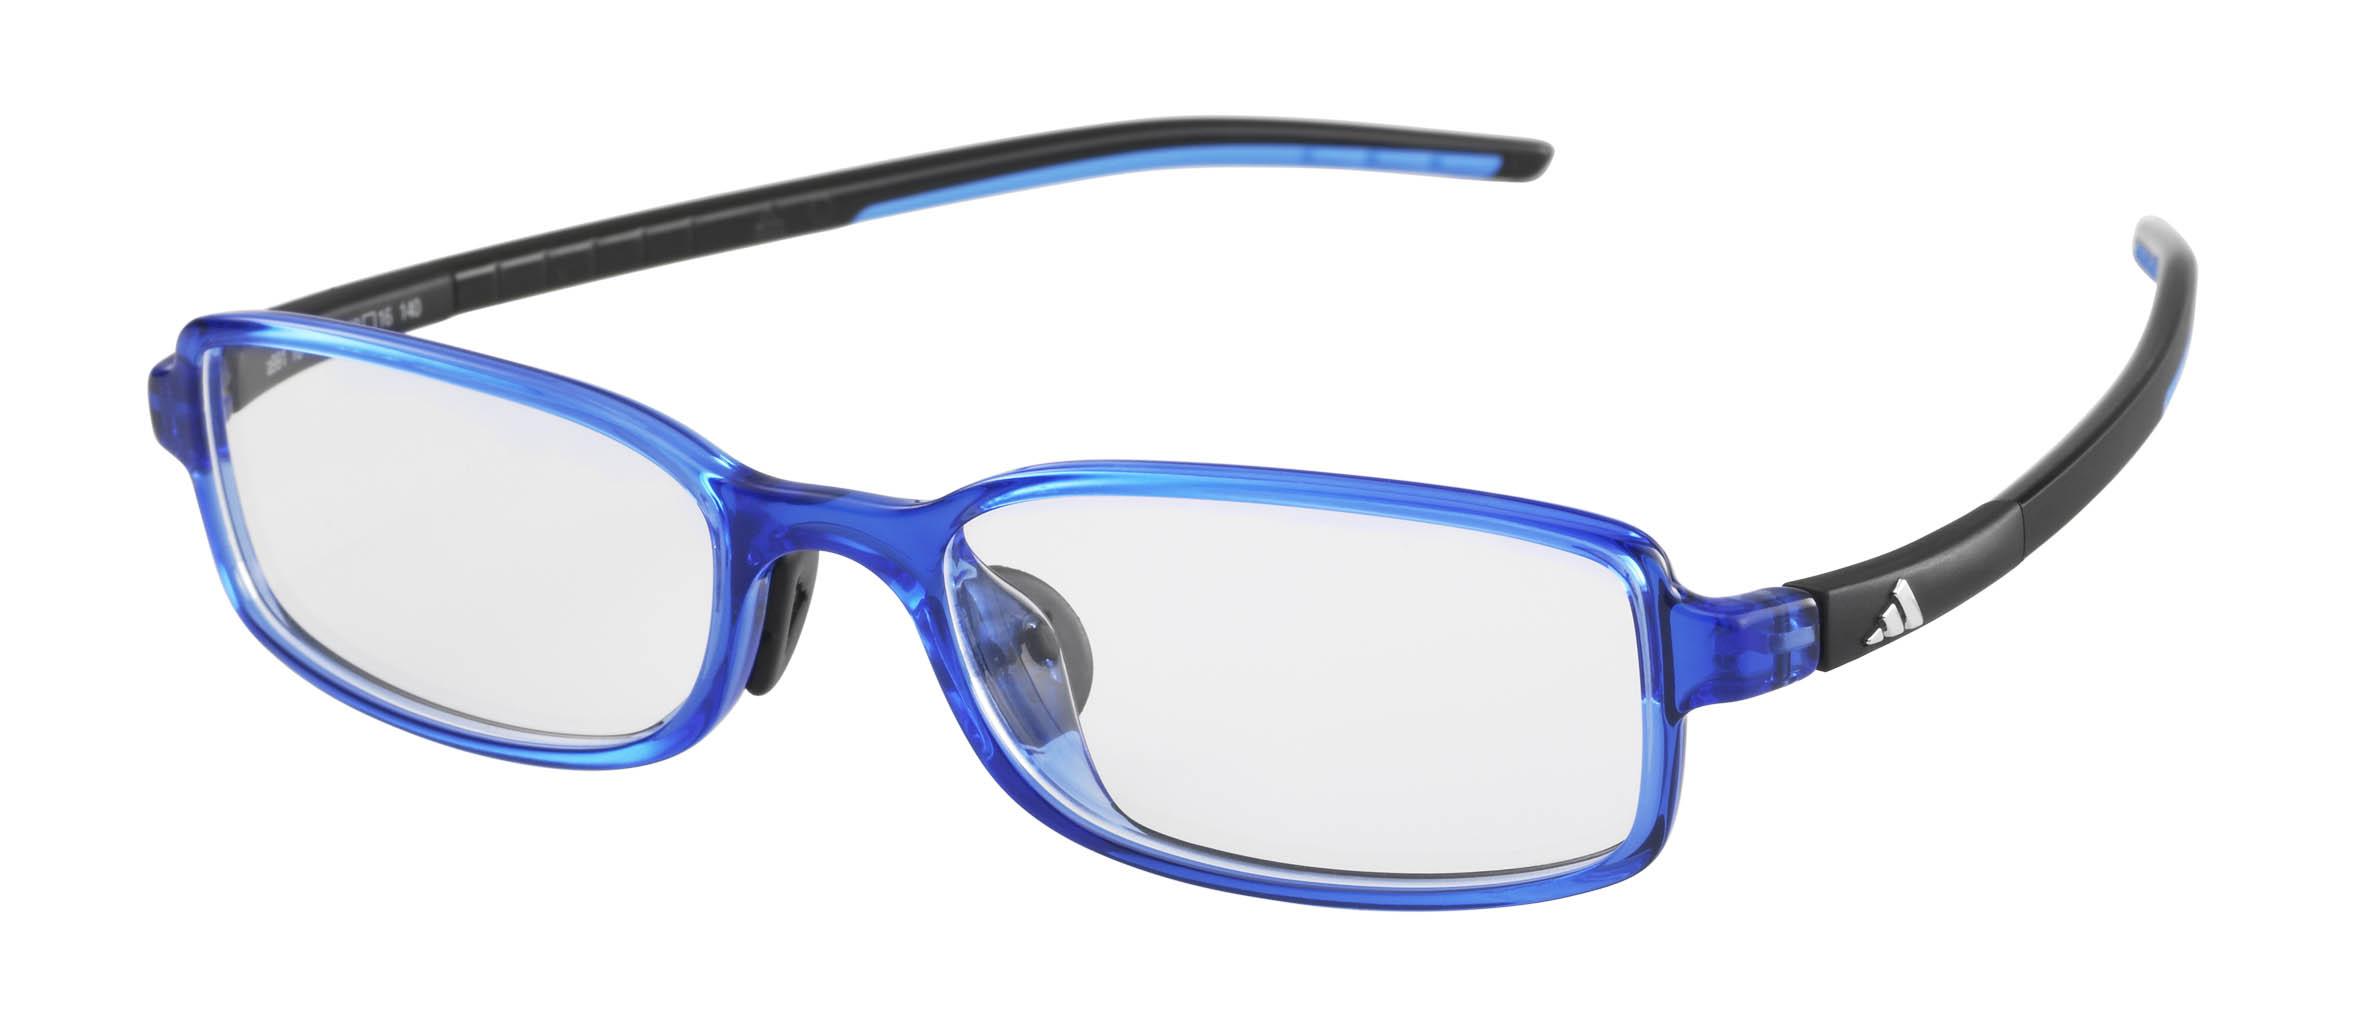 Atemberaubend Brillenfassungen Für Kinder Ideen - Benutzerdefinierte ...